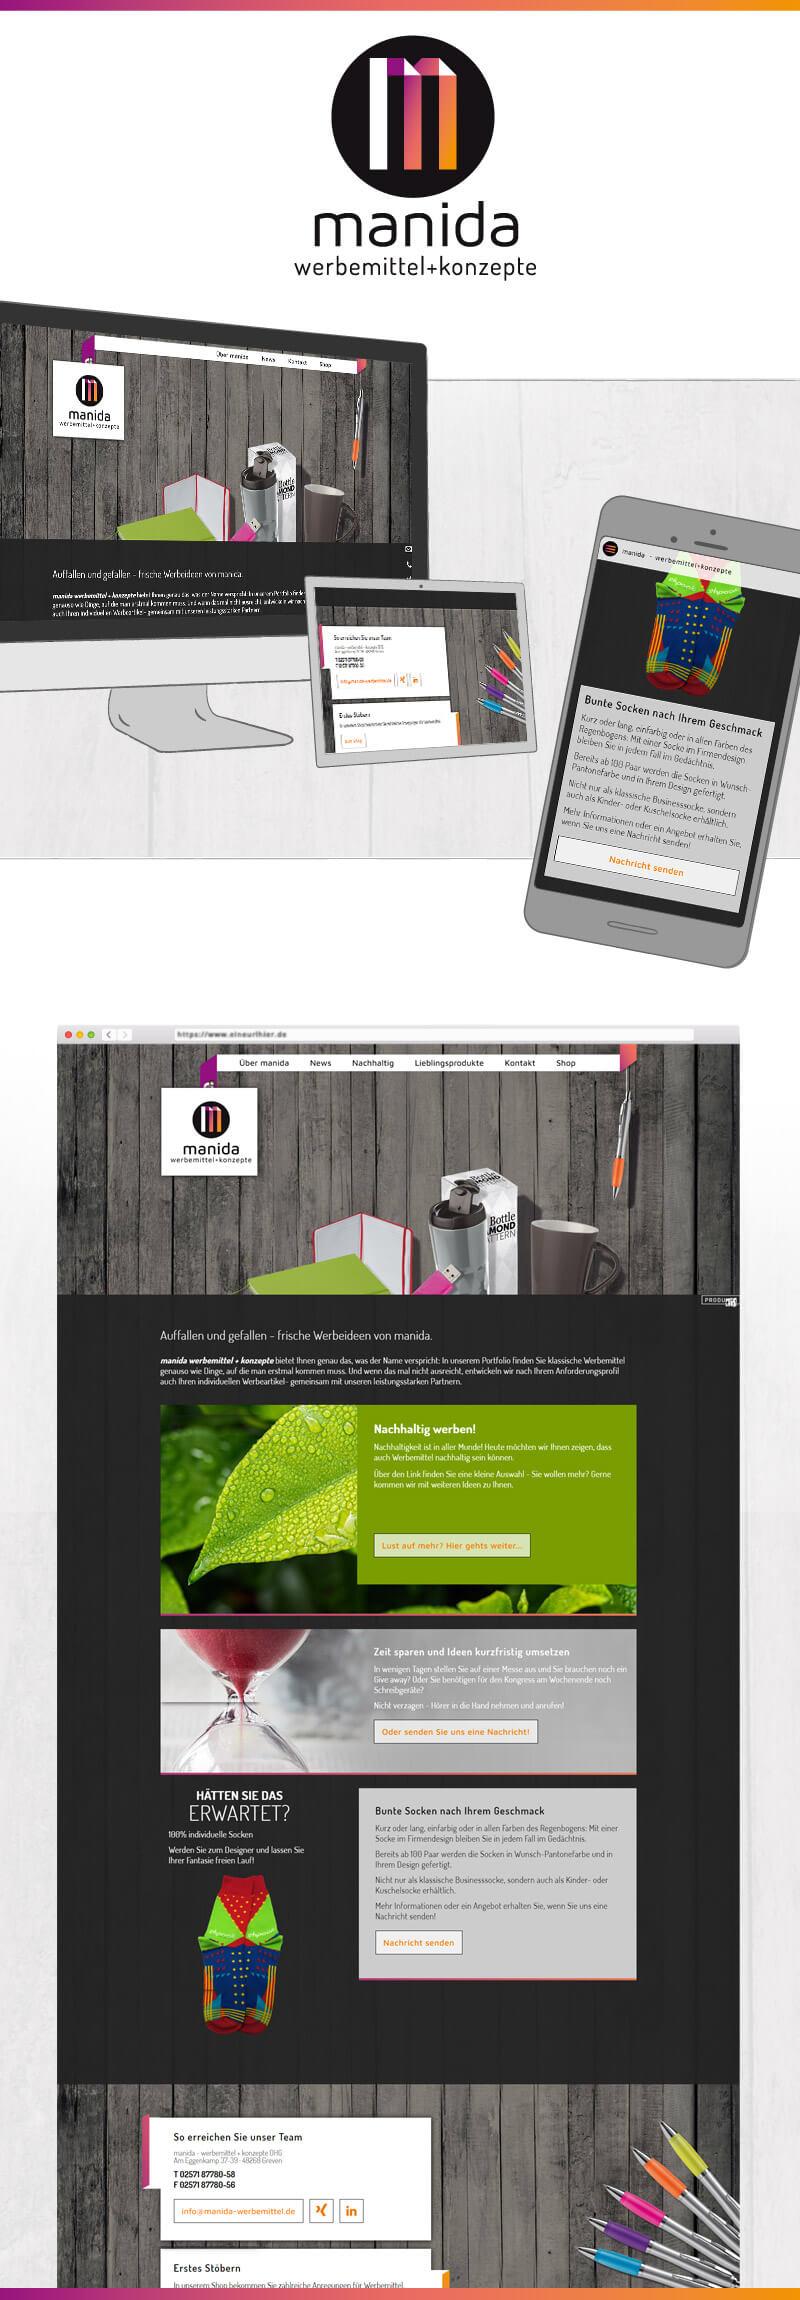 Webdesign für manida - werbemittel und konzepte